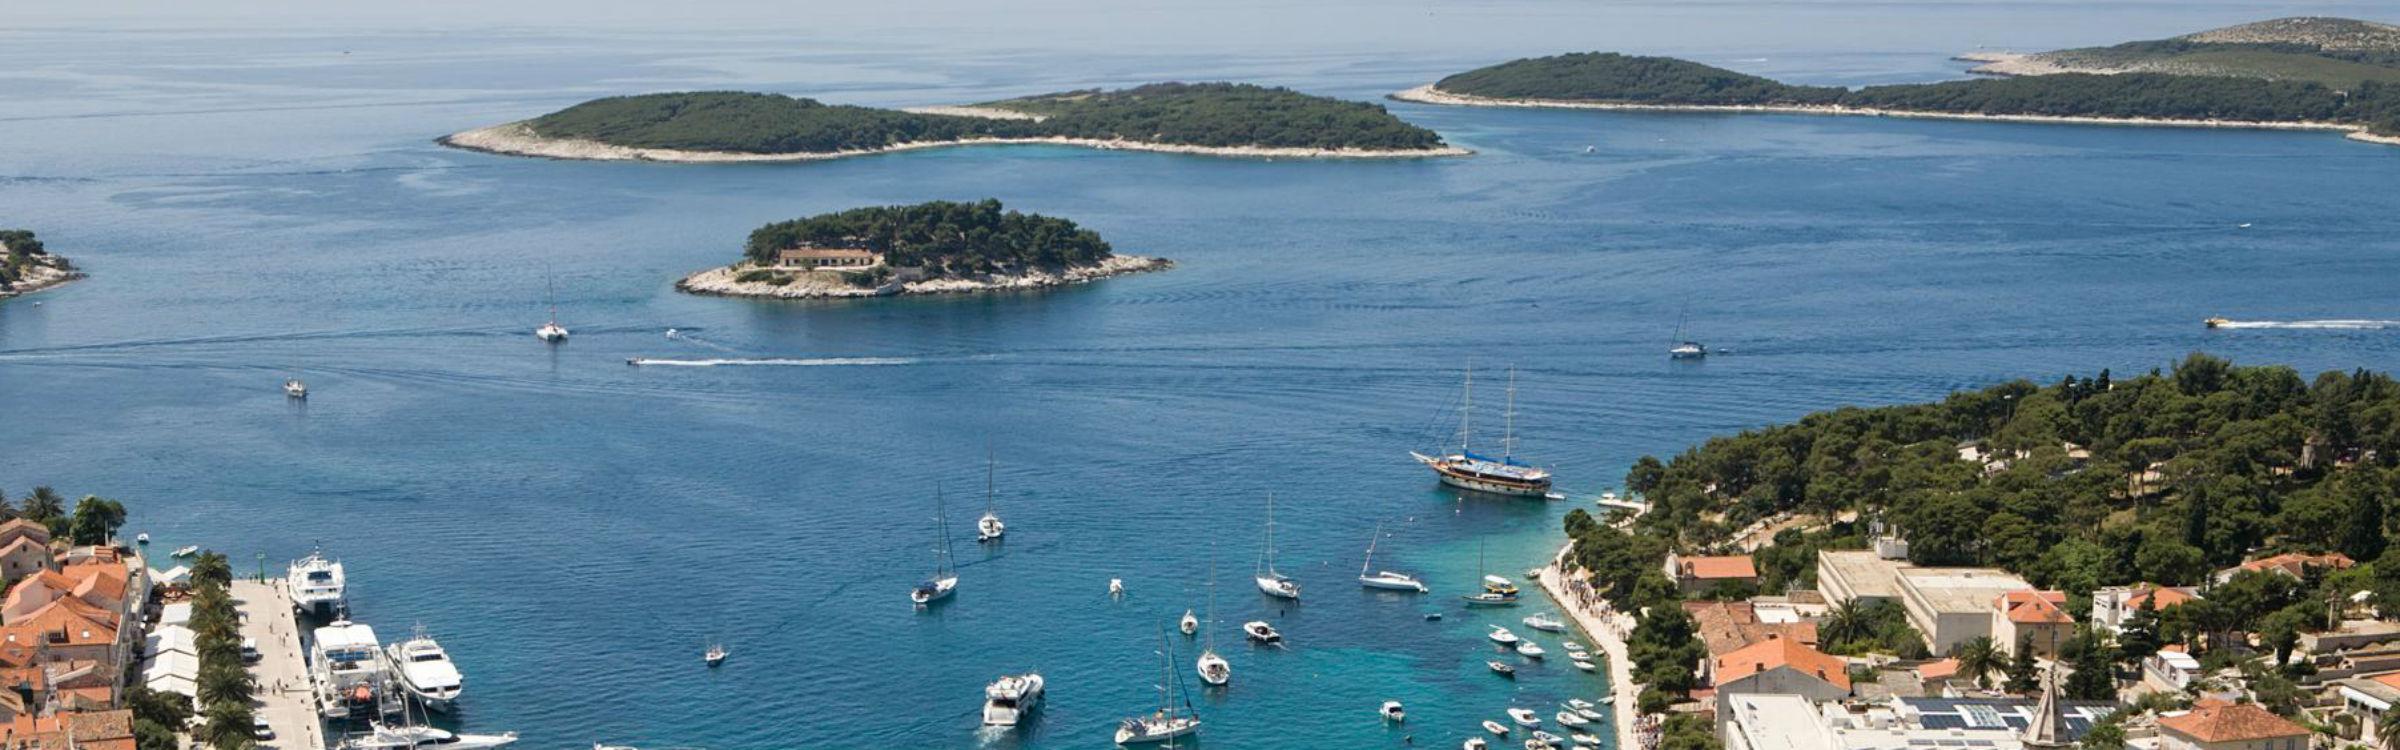 Kroatie kust lang